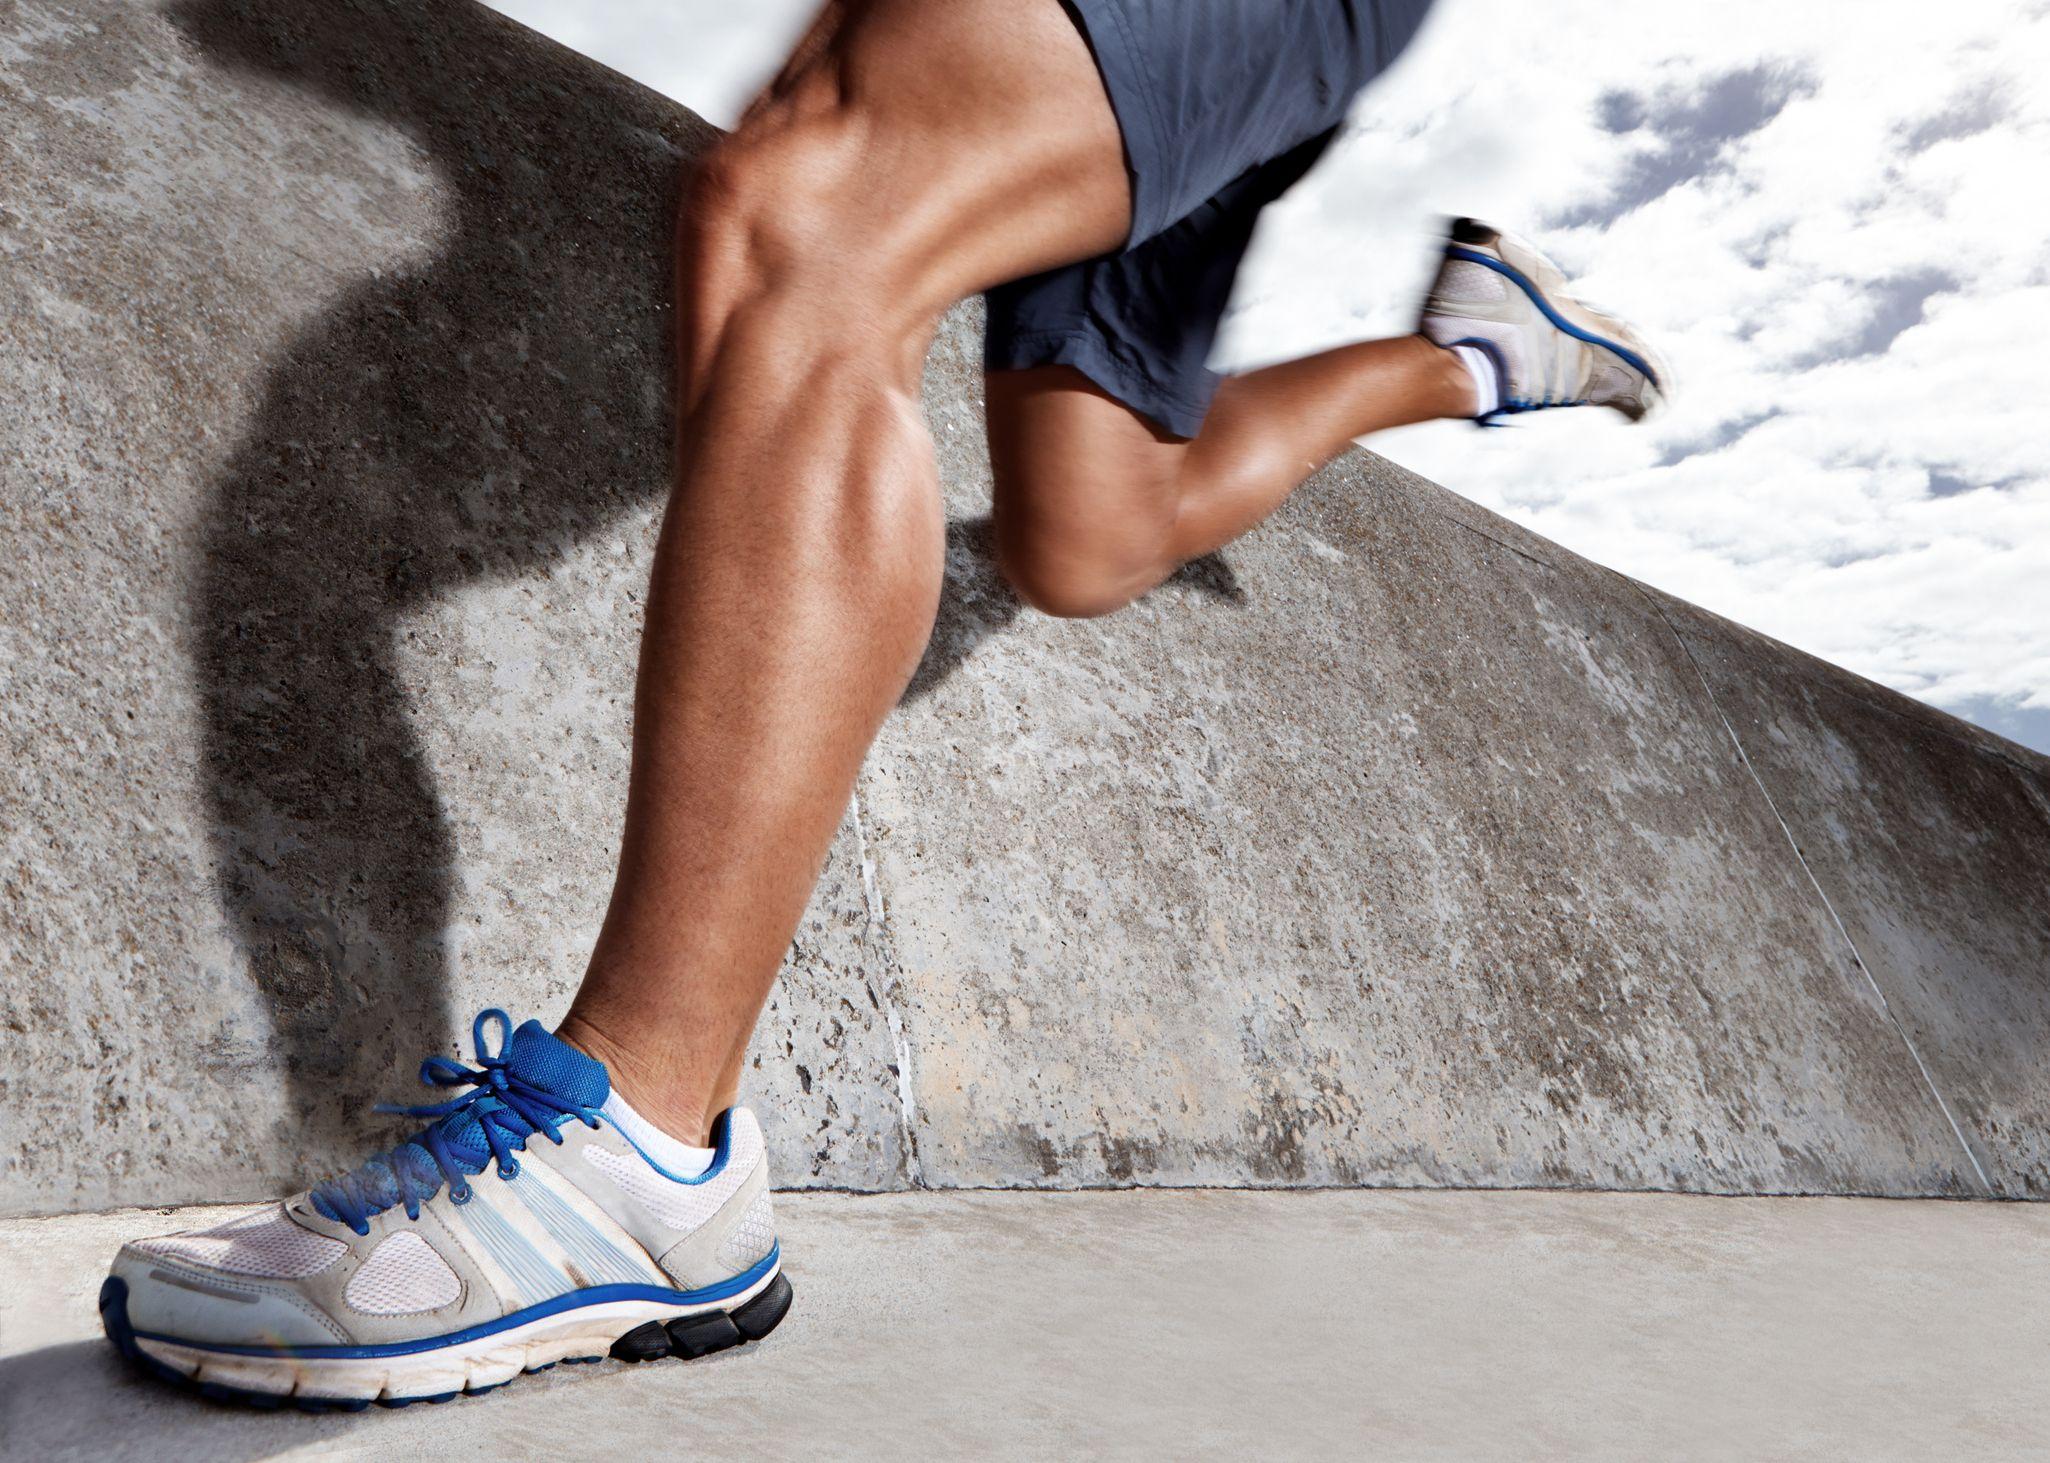 Mejores zapatillas deportivas de hombre en 2020 por Men's Health